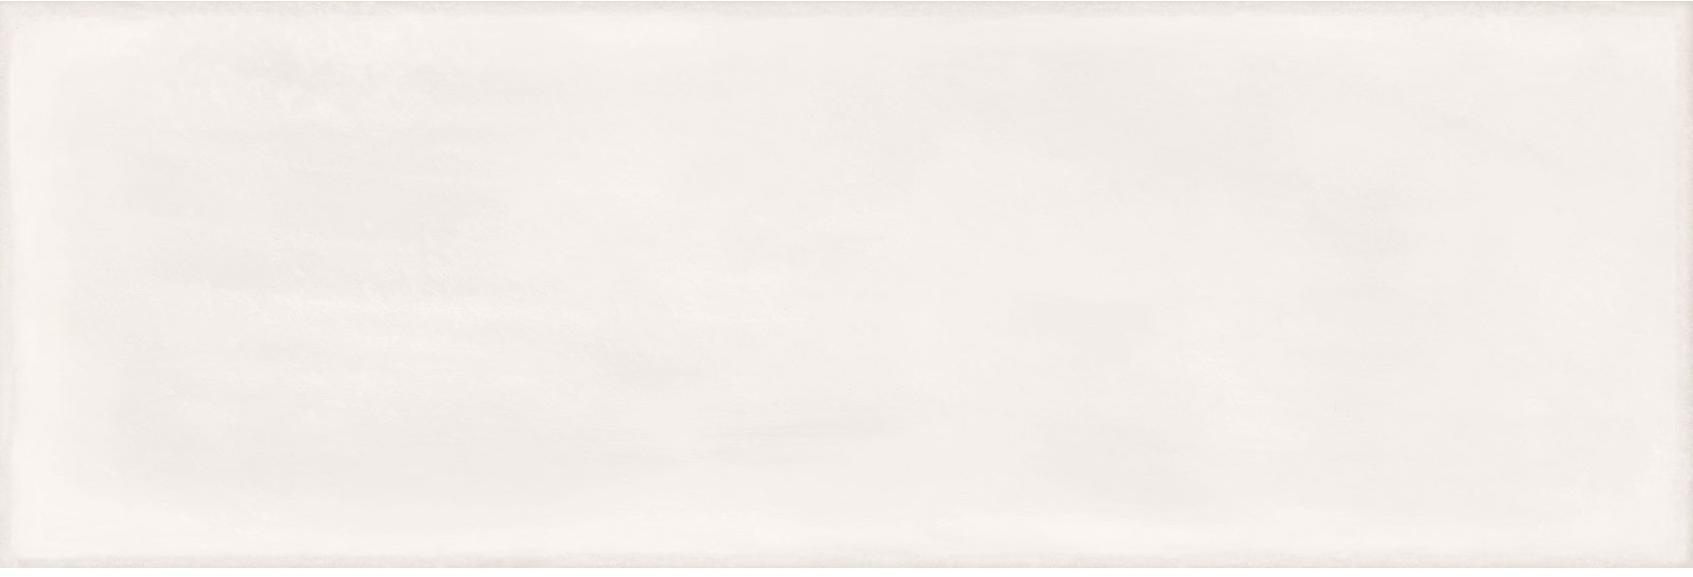 Купить Керамическая плитка Azteca Atelier Bianco настенная 30x90, Испания